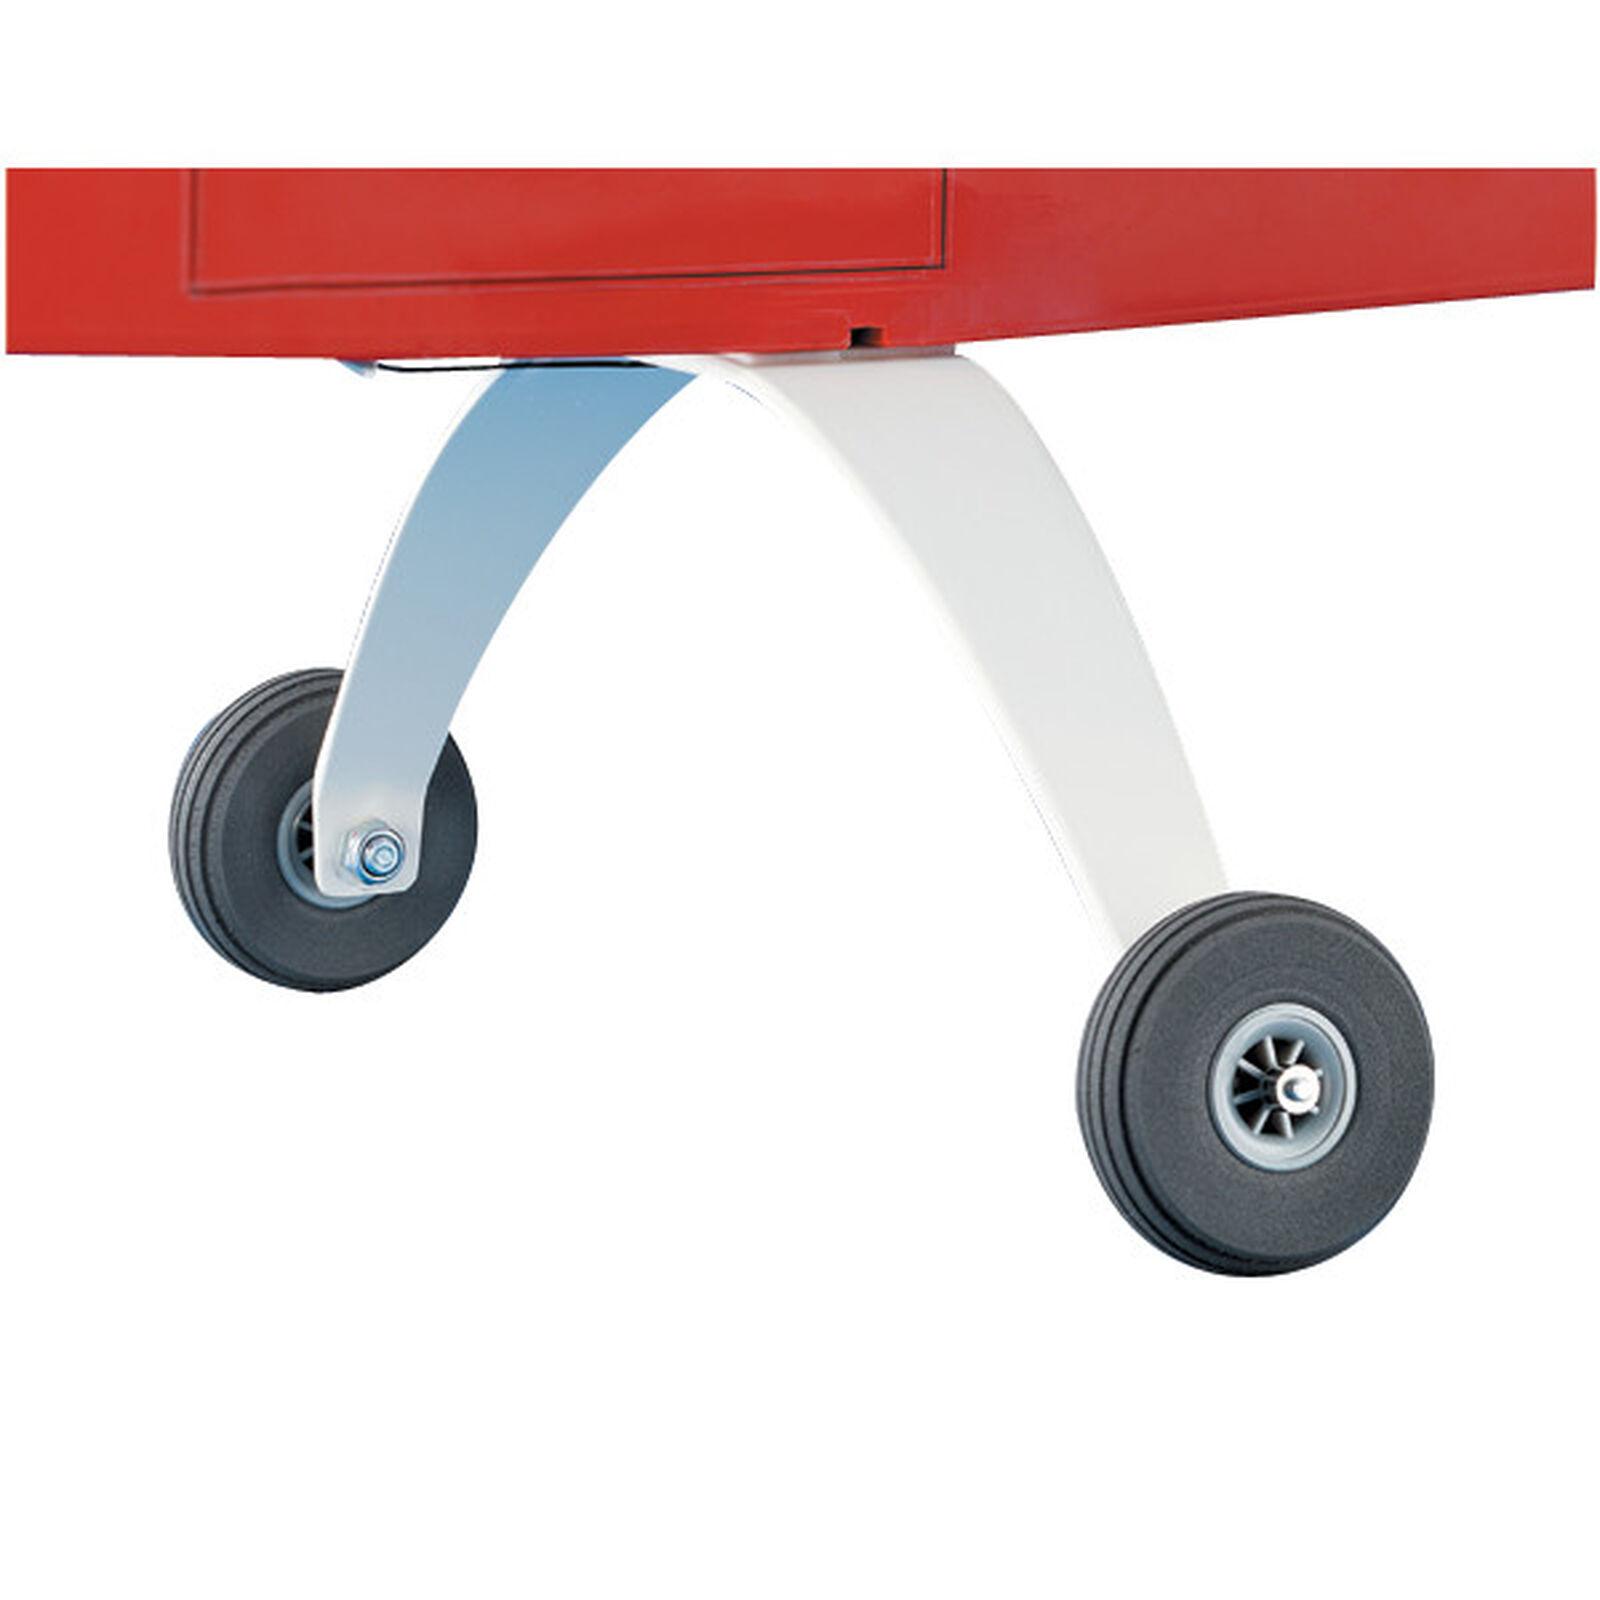 Super Strength Landing Gear: .35-.50